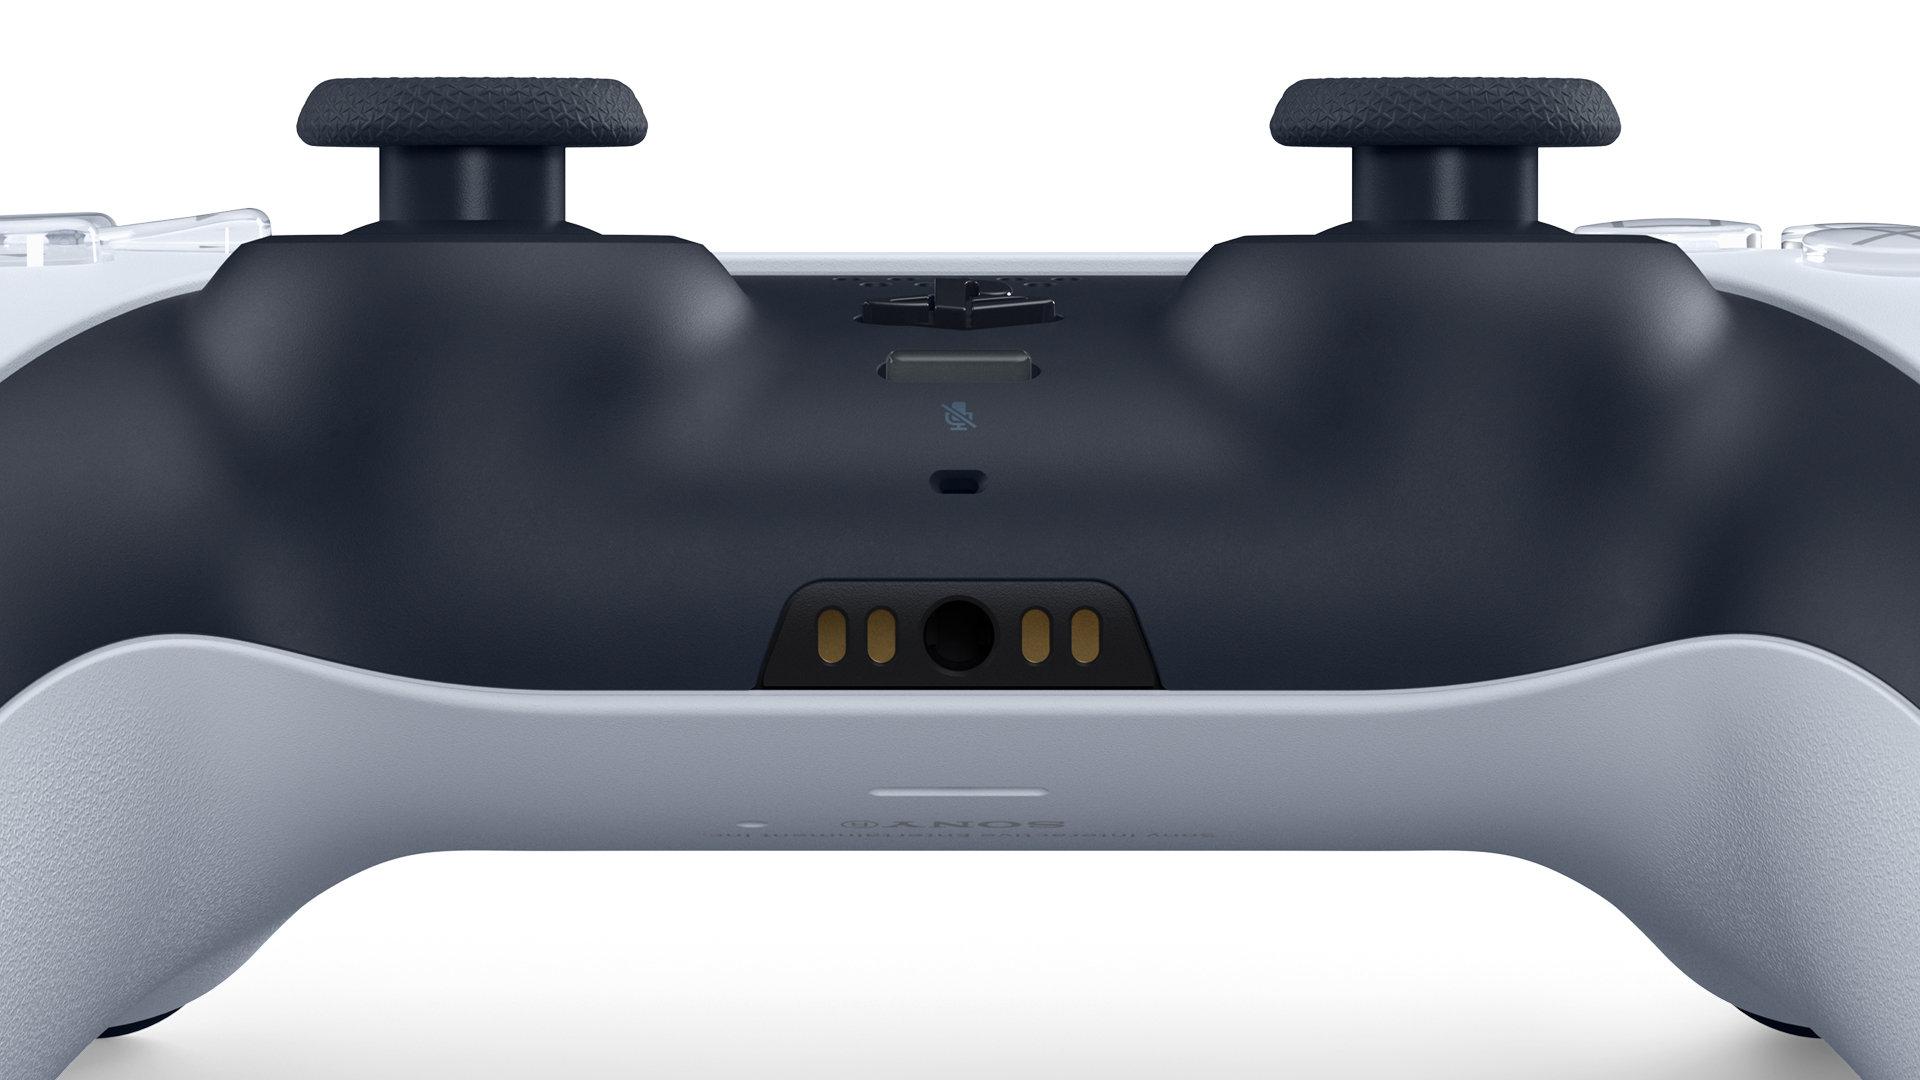 Ingresso jack 3.5mm controller